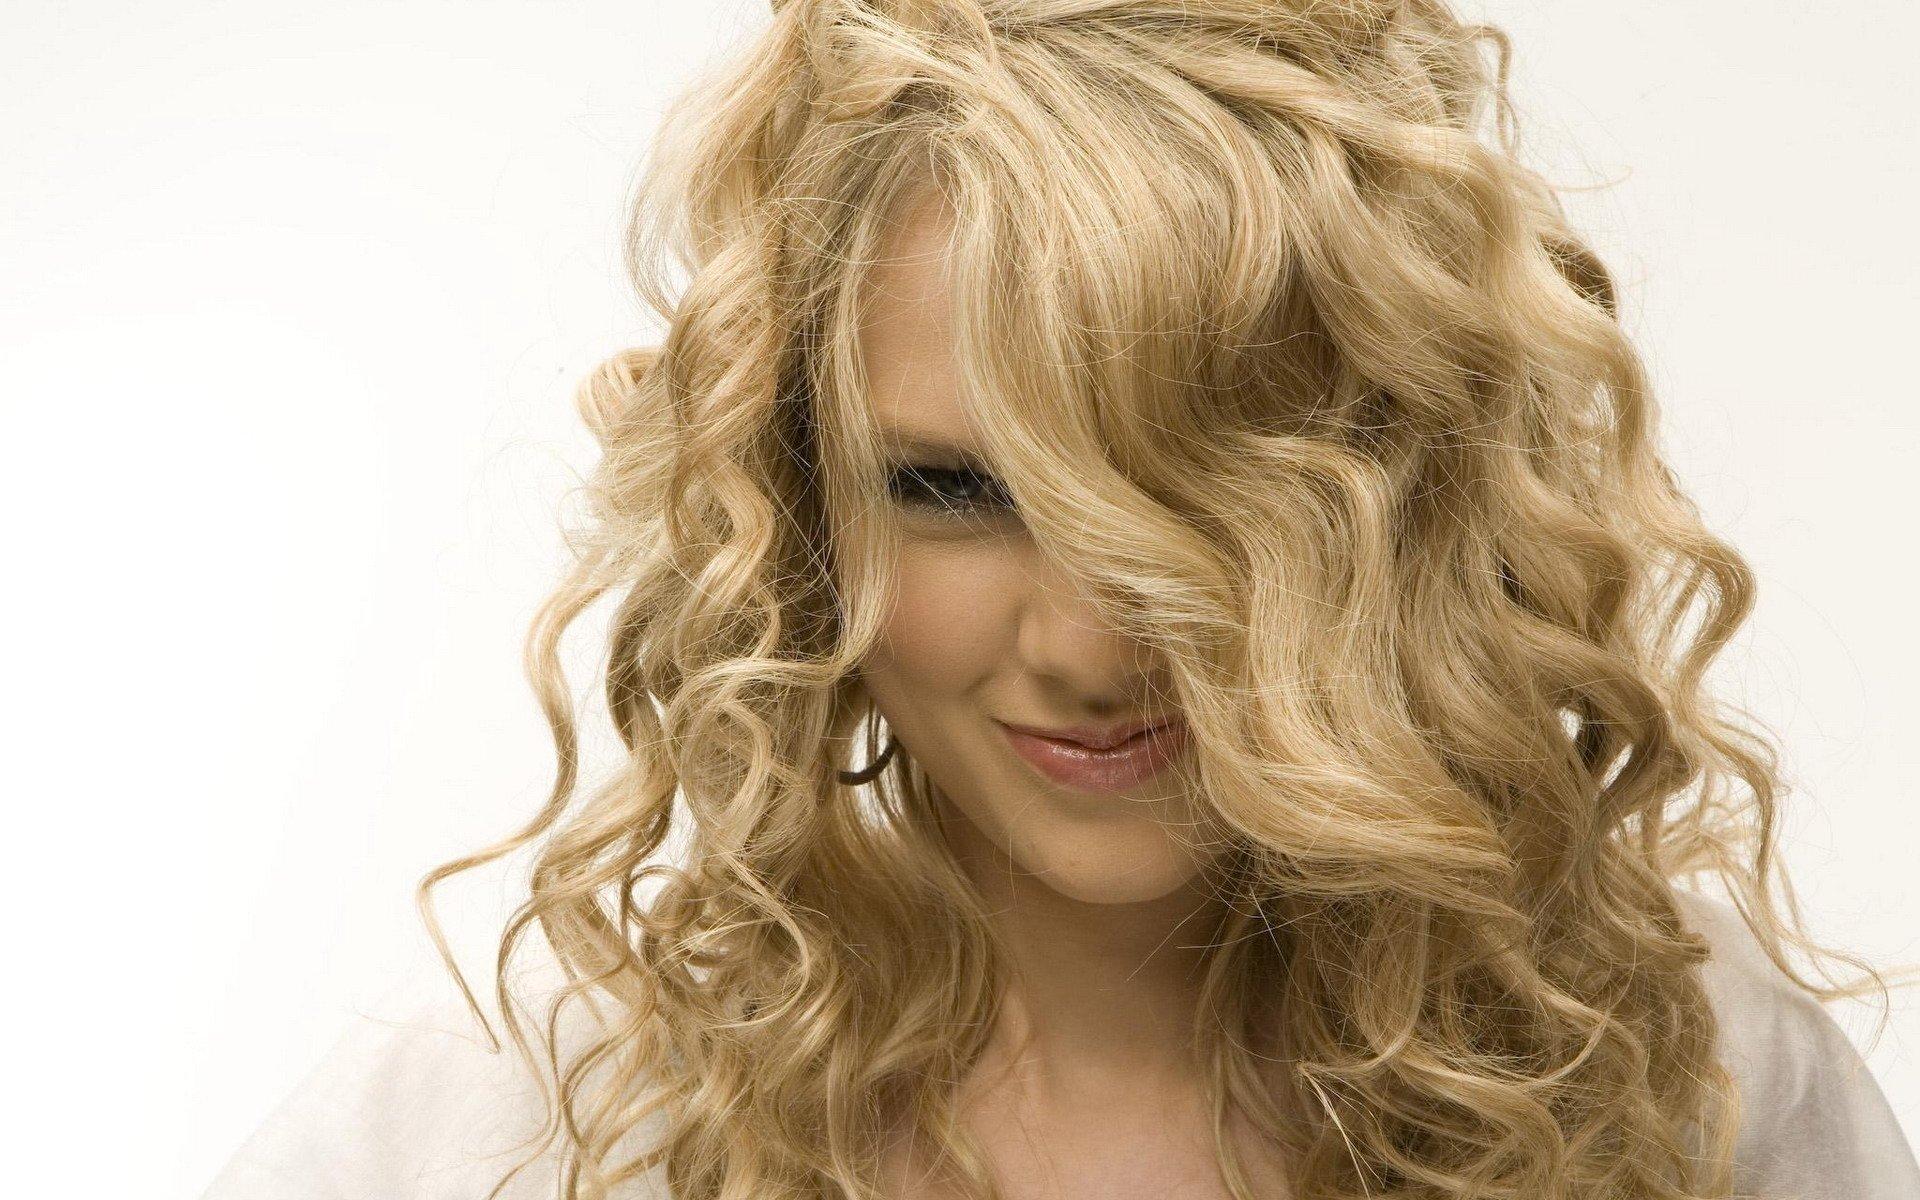 проявления красивые девушки блондинка с волнистыми волосами порно